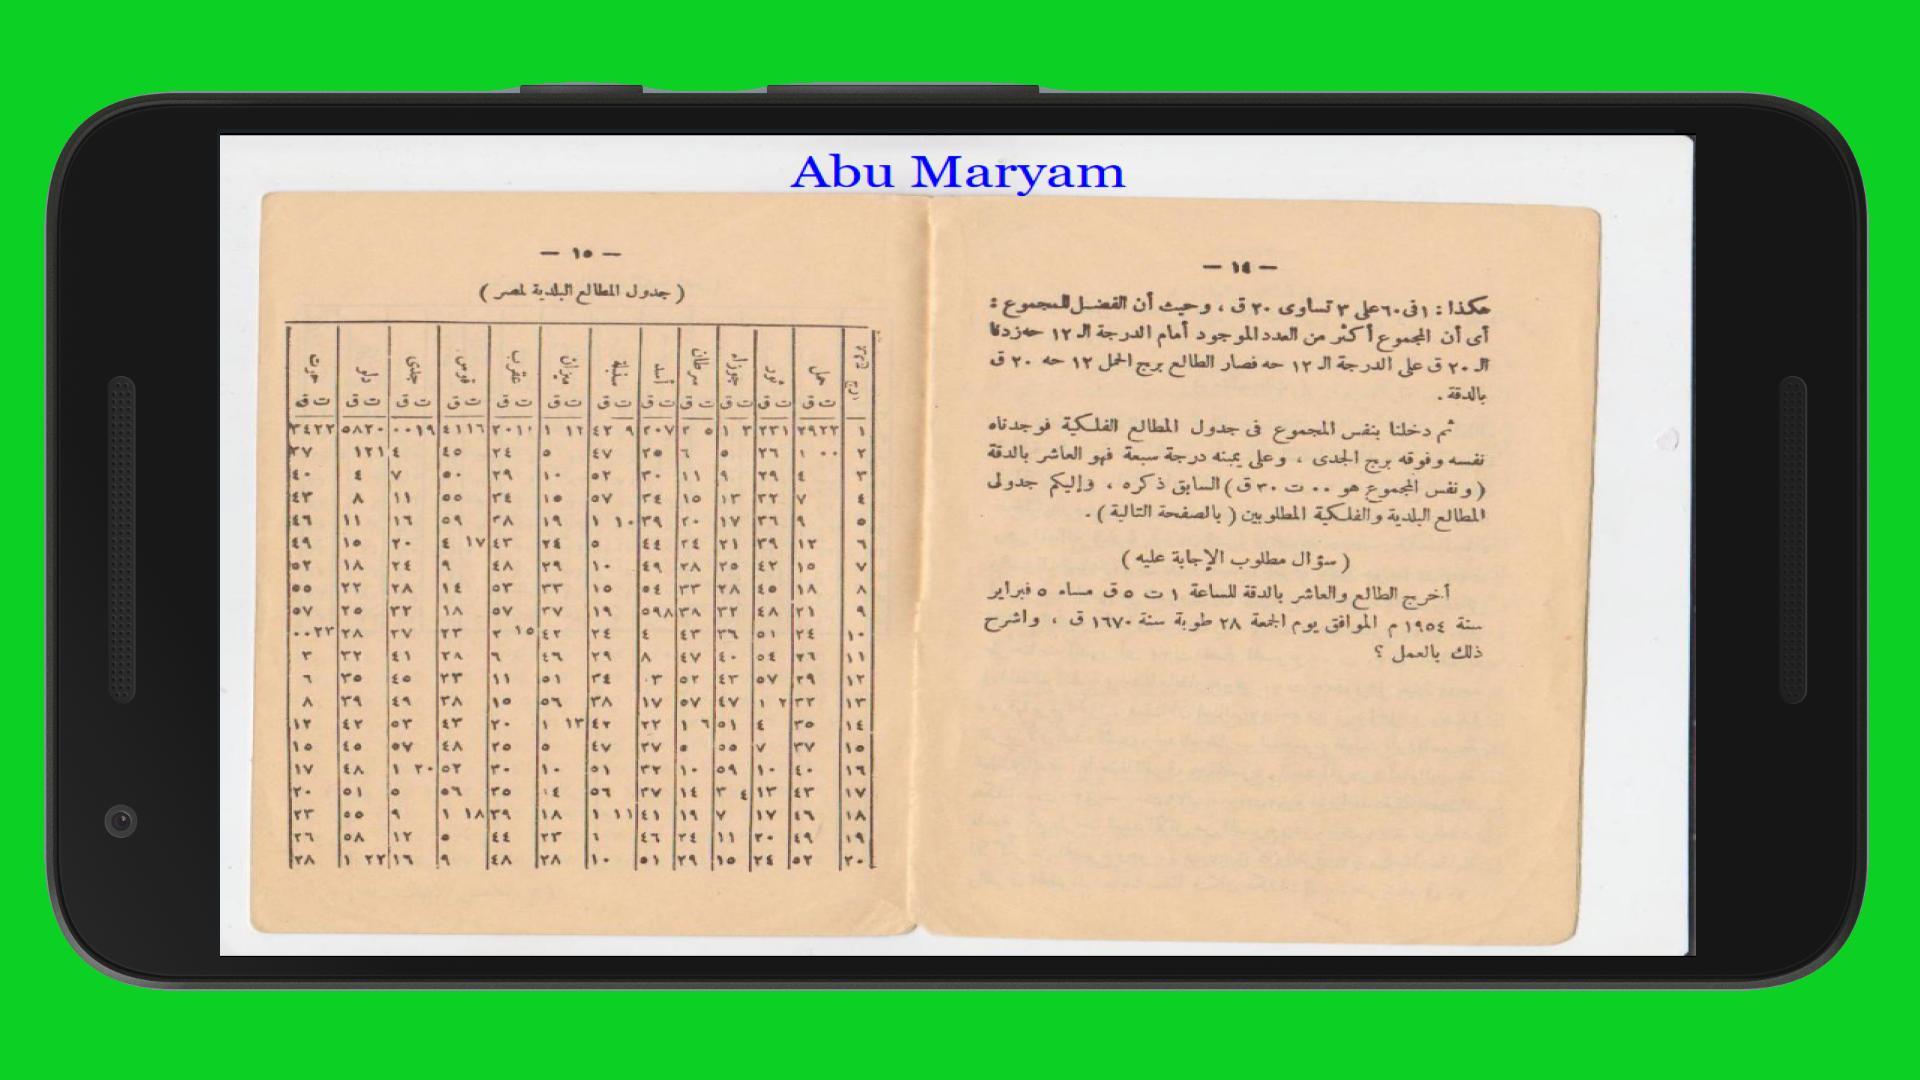 تحميل كتاب مدهش الألباب في أسرار الحروف وعجائب الحساب pdf